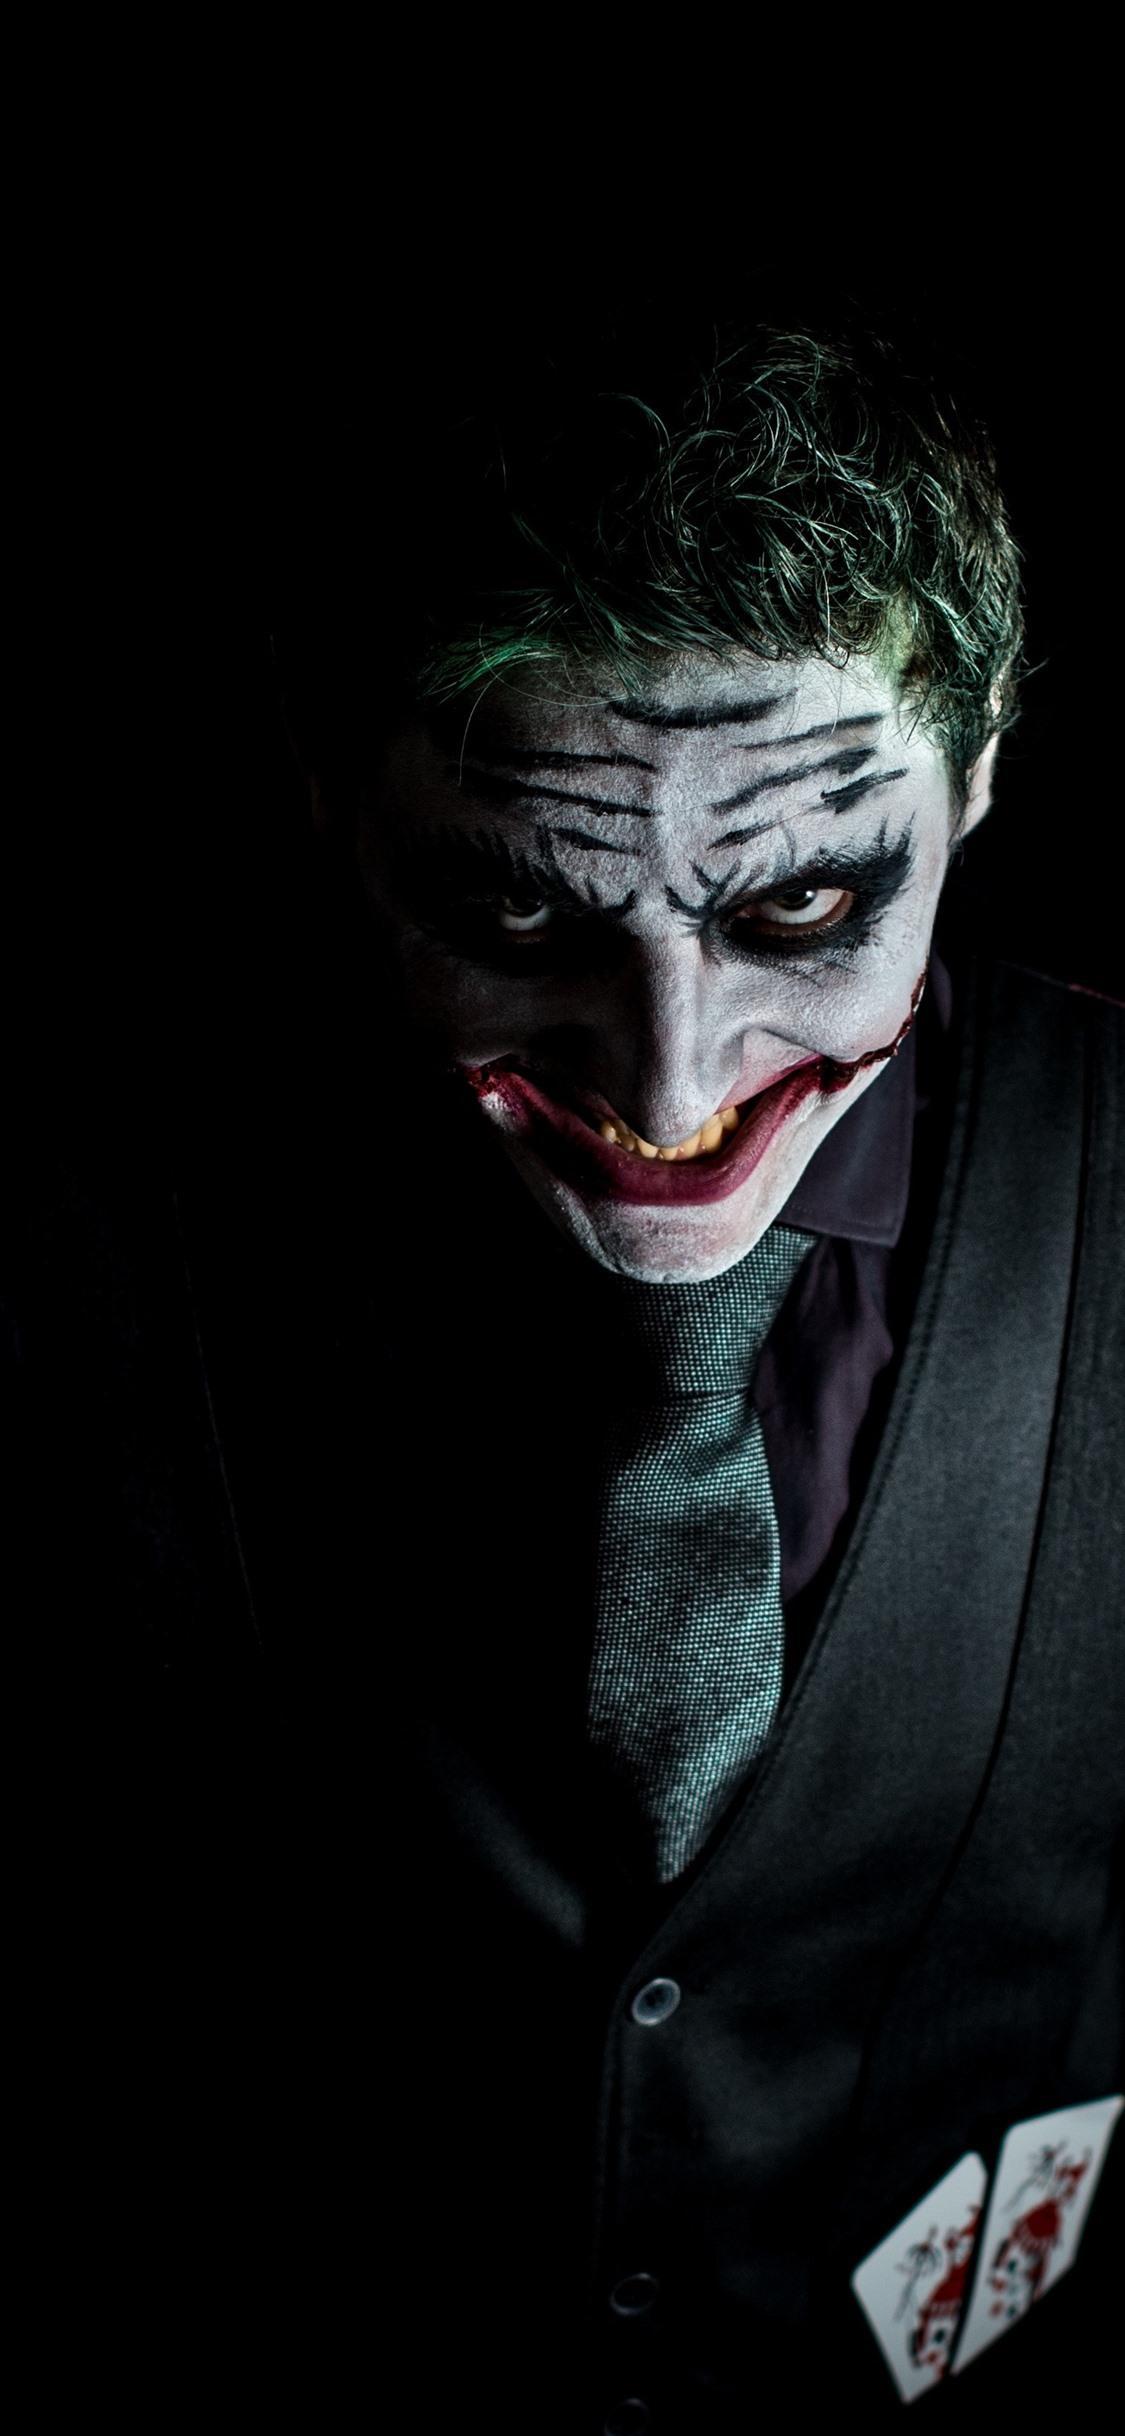 Iphone 11 Pro Joker Wallpapers Wallpaper Cave